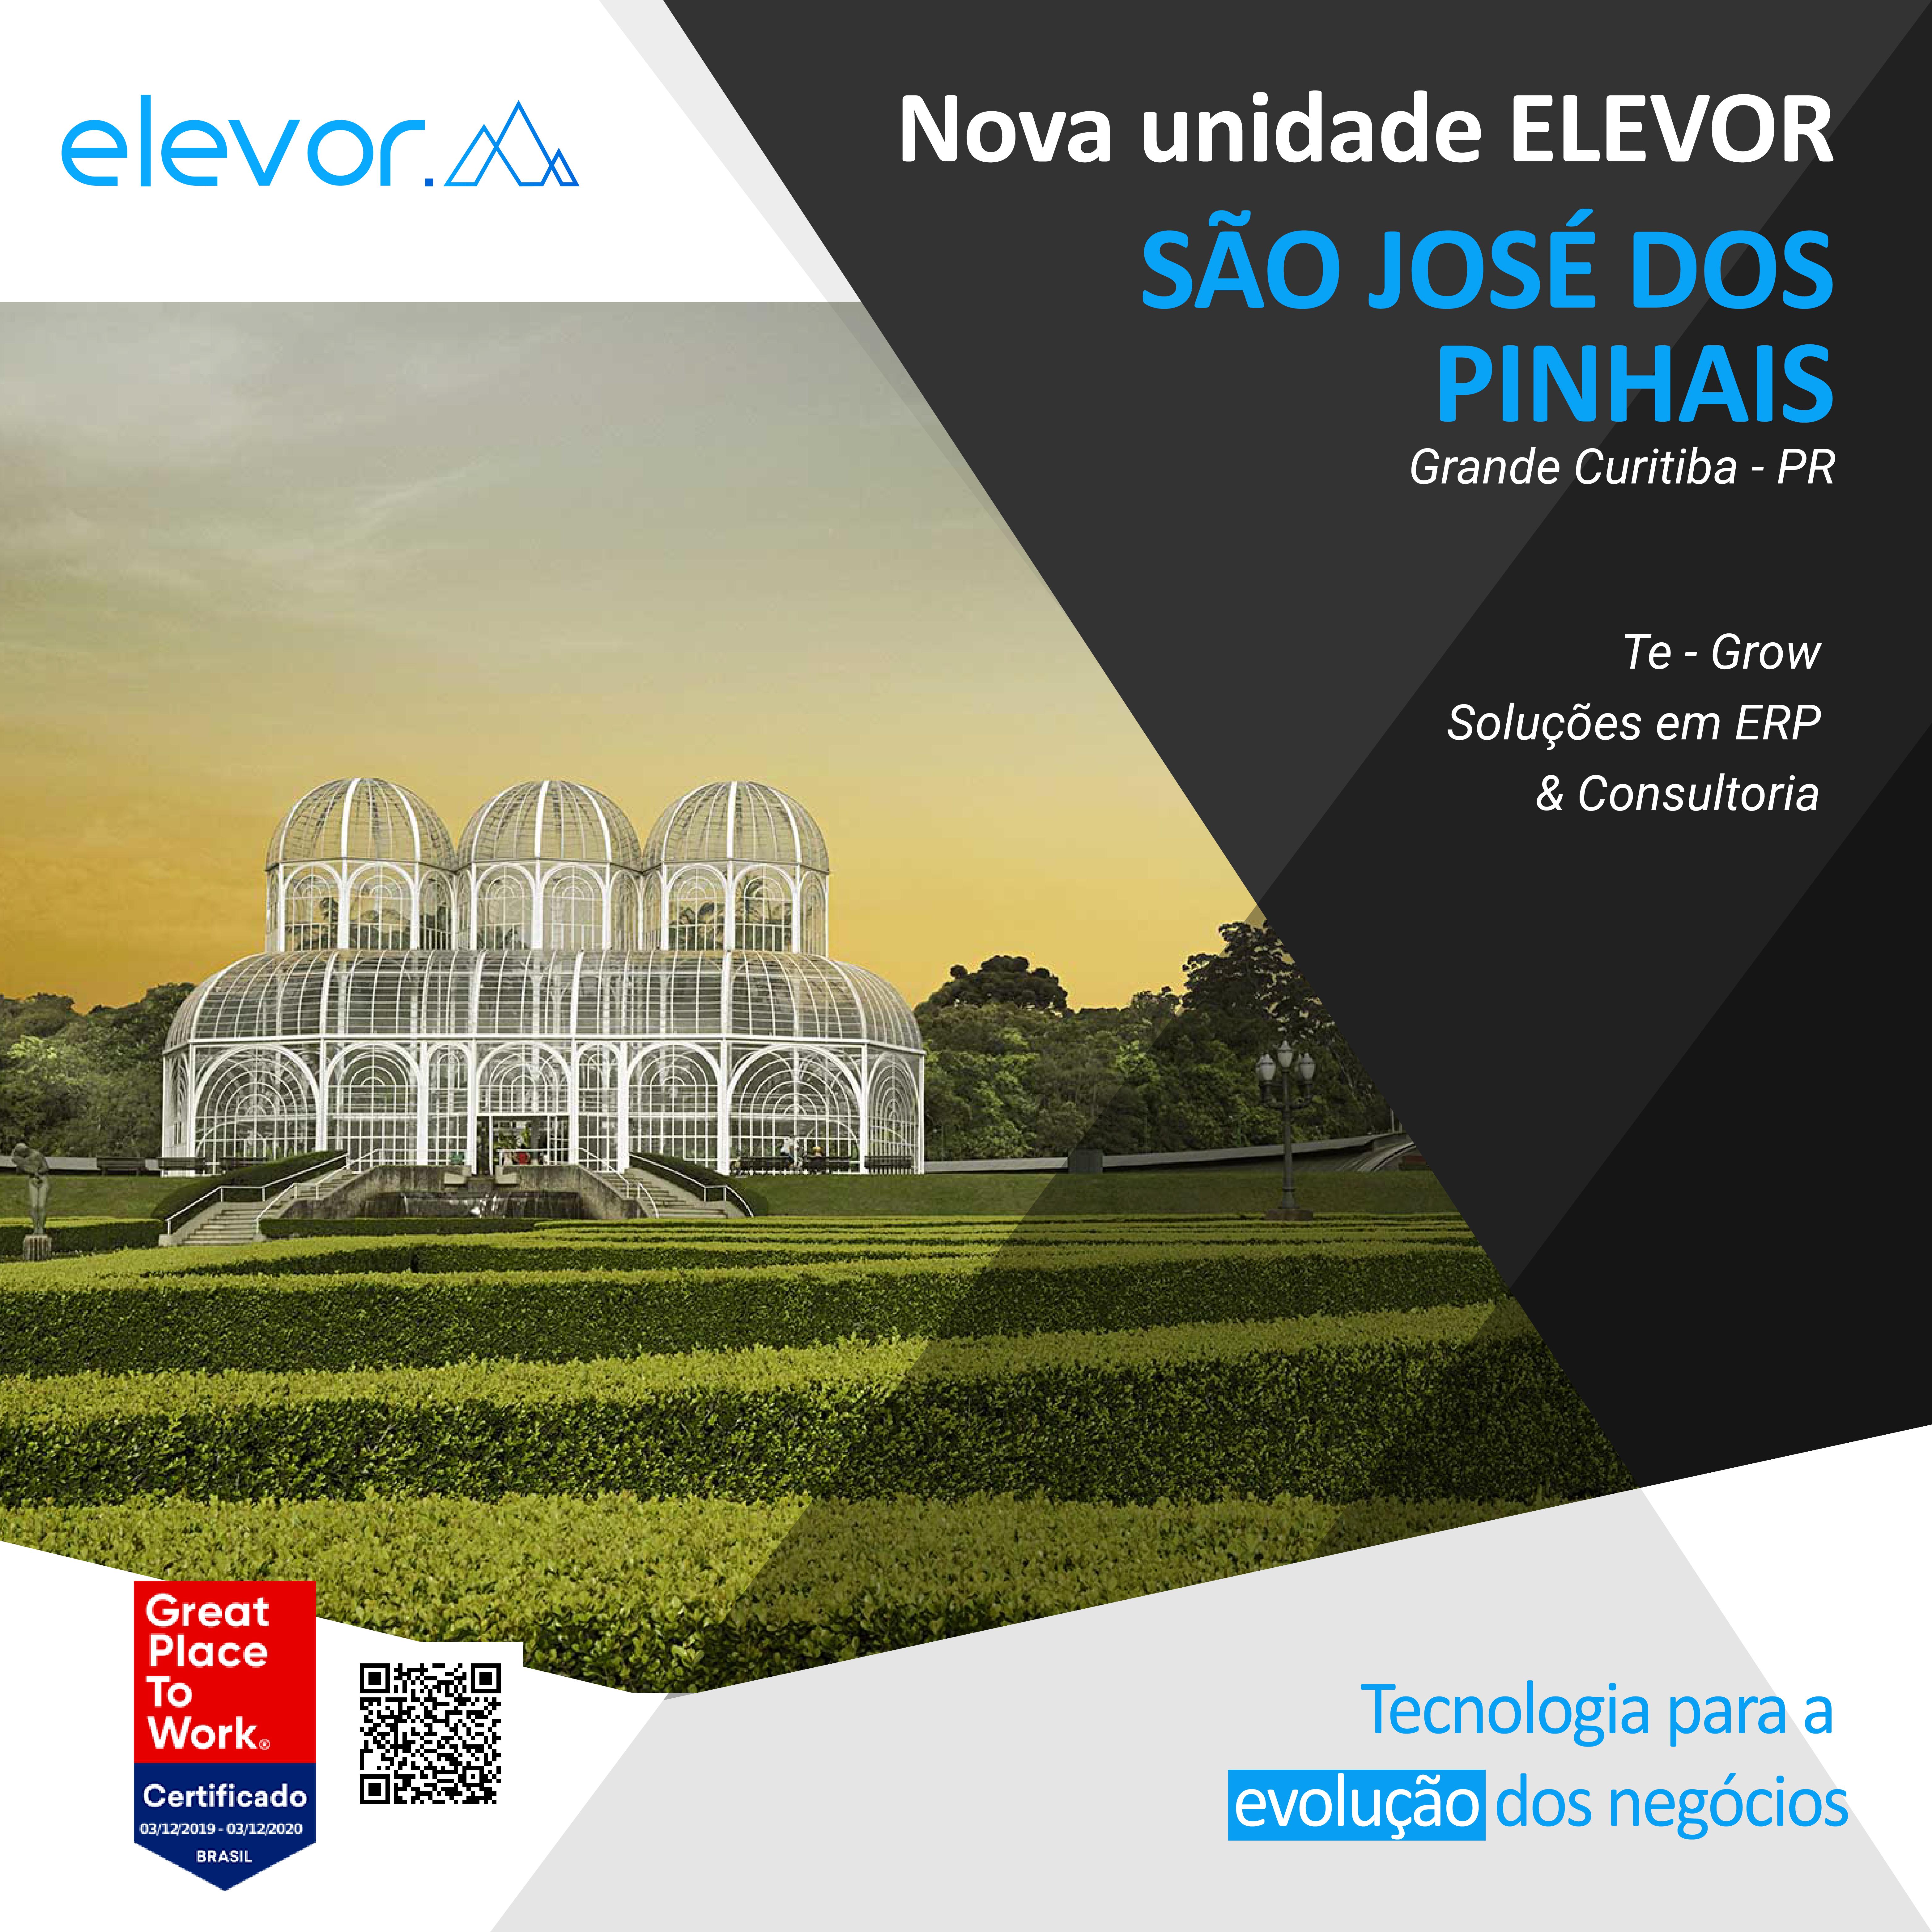 Nova Unidade Elevor: São José dos Pinhais – PR